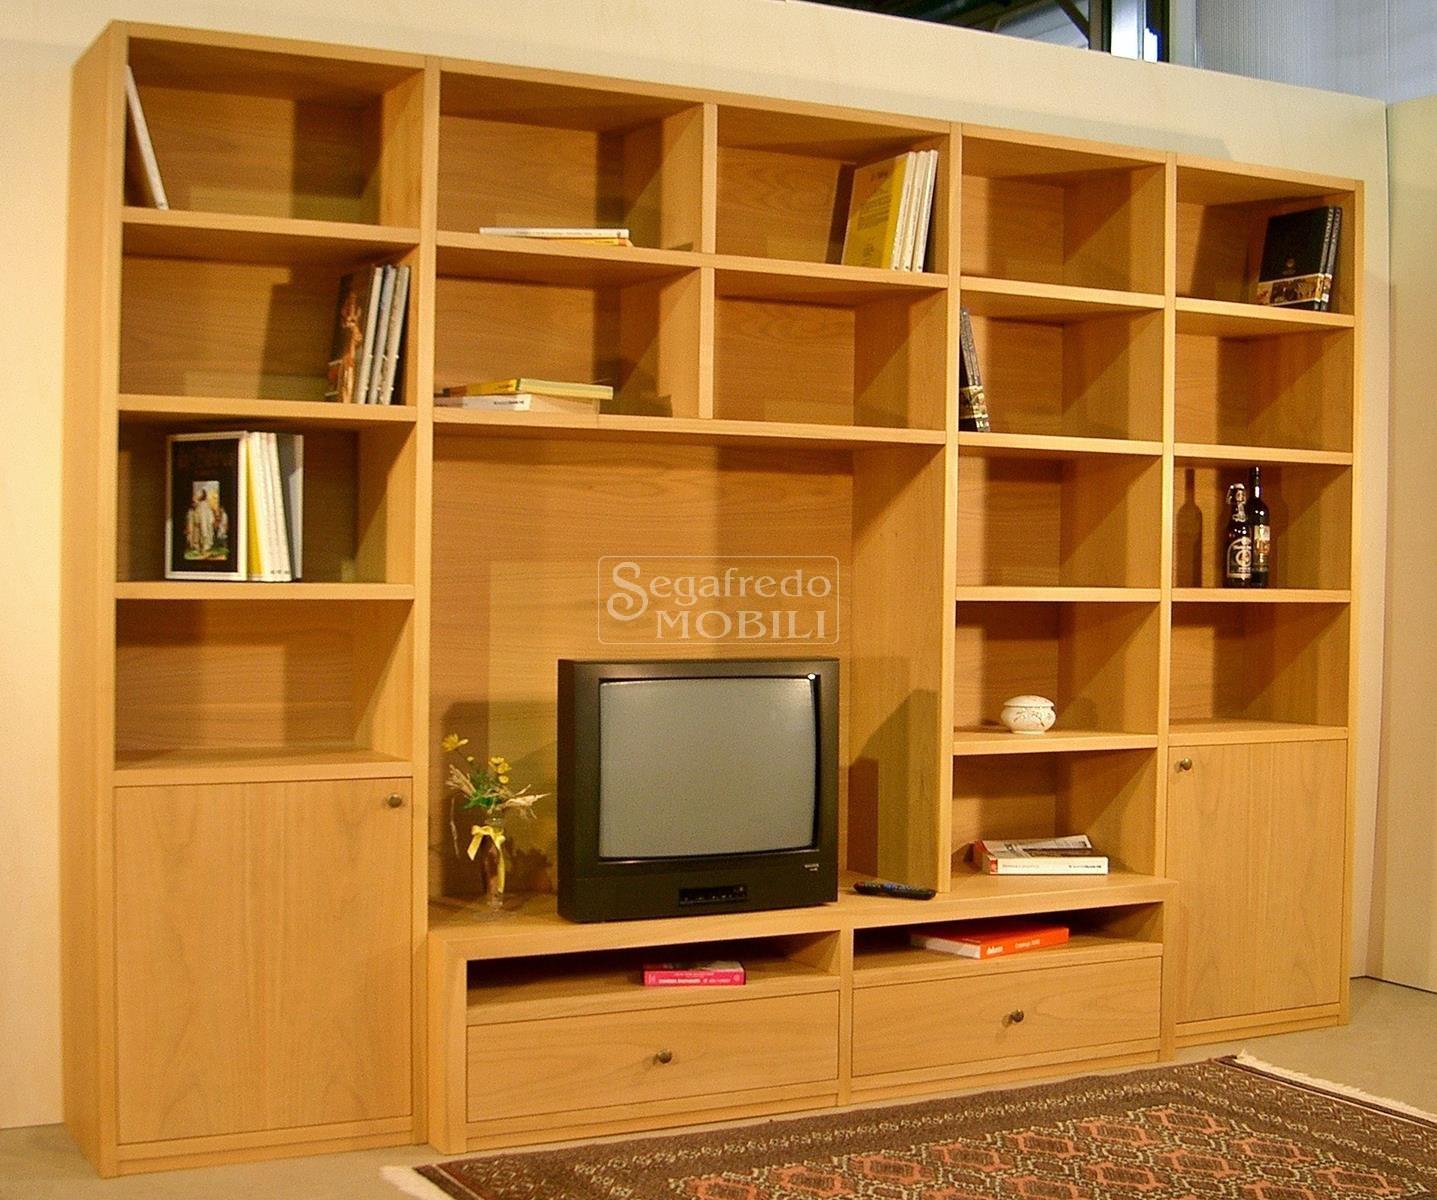 Mobile su misura a parete per il soggiorno o lo studio - Mobili soggiorno su misura ...